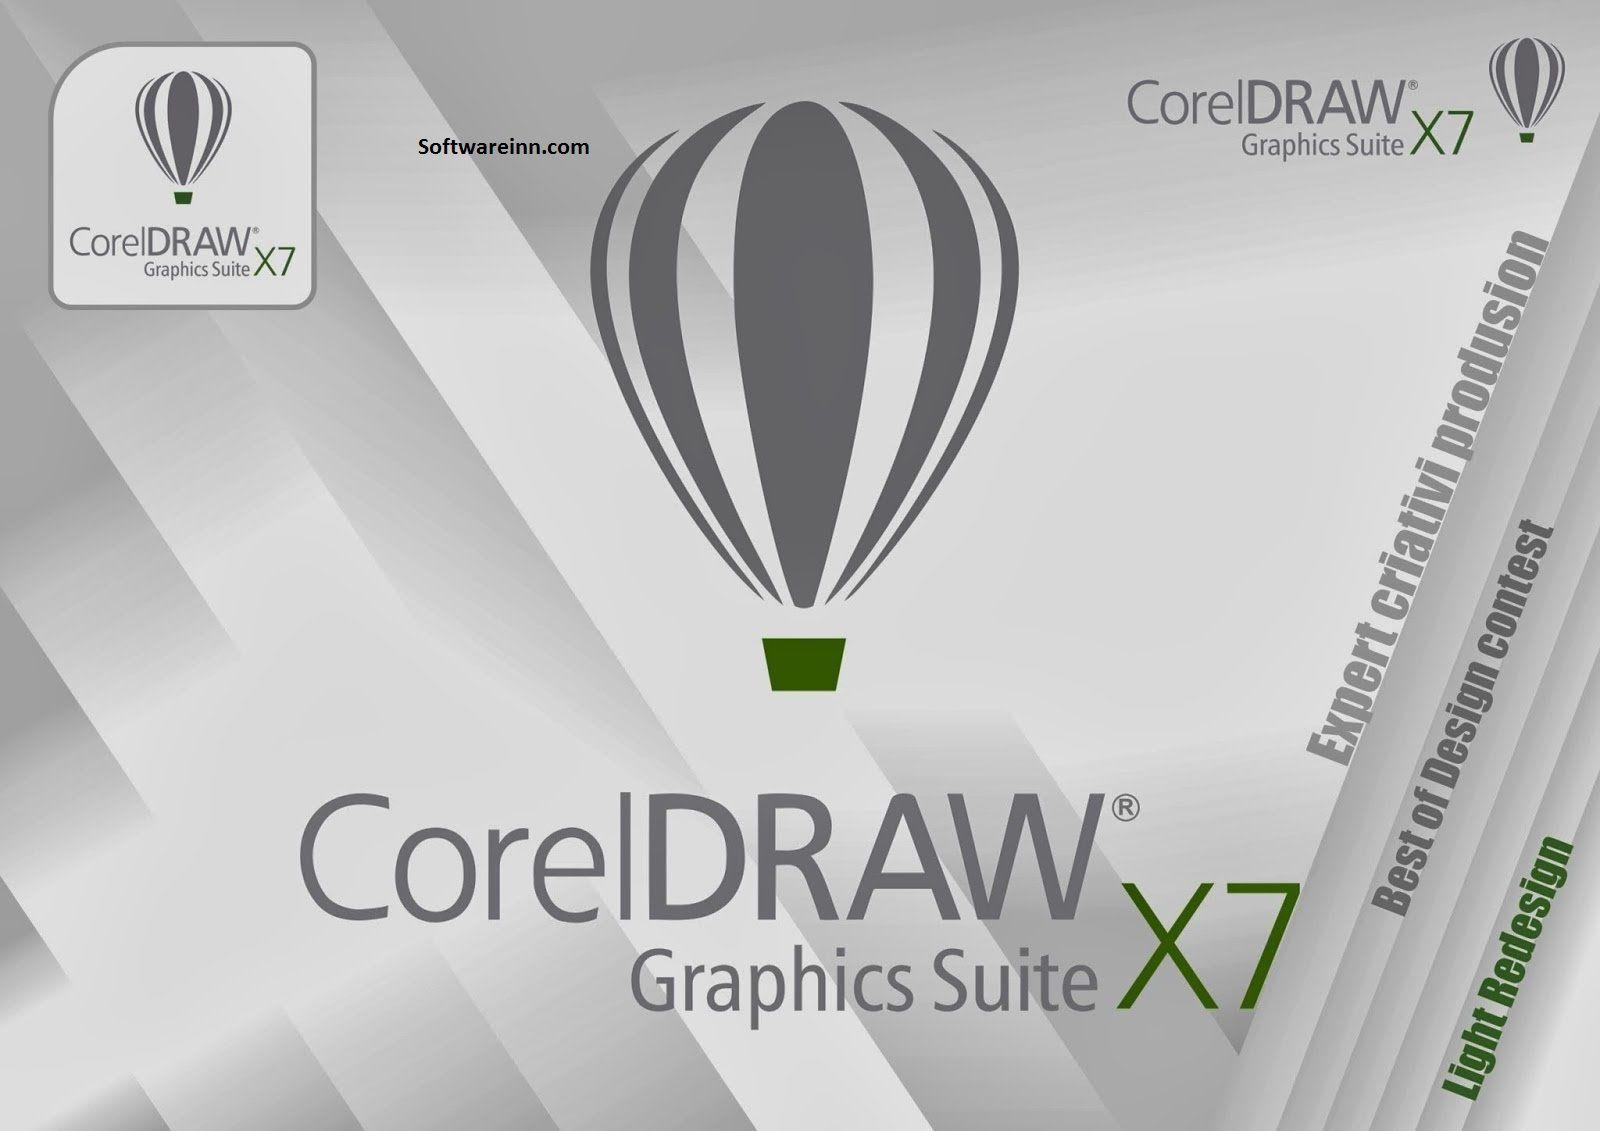 Coreldraw vector graphics - Coreldraw Graphics Suite X7 5 32 64bit With Keygen